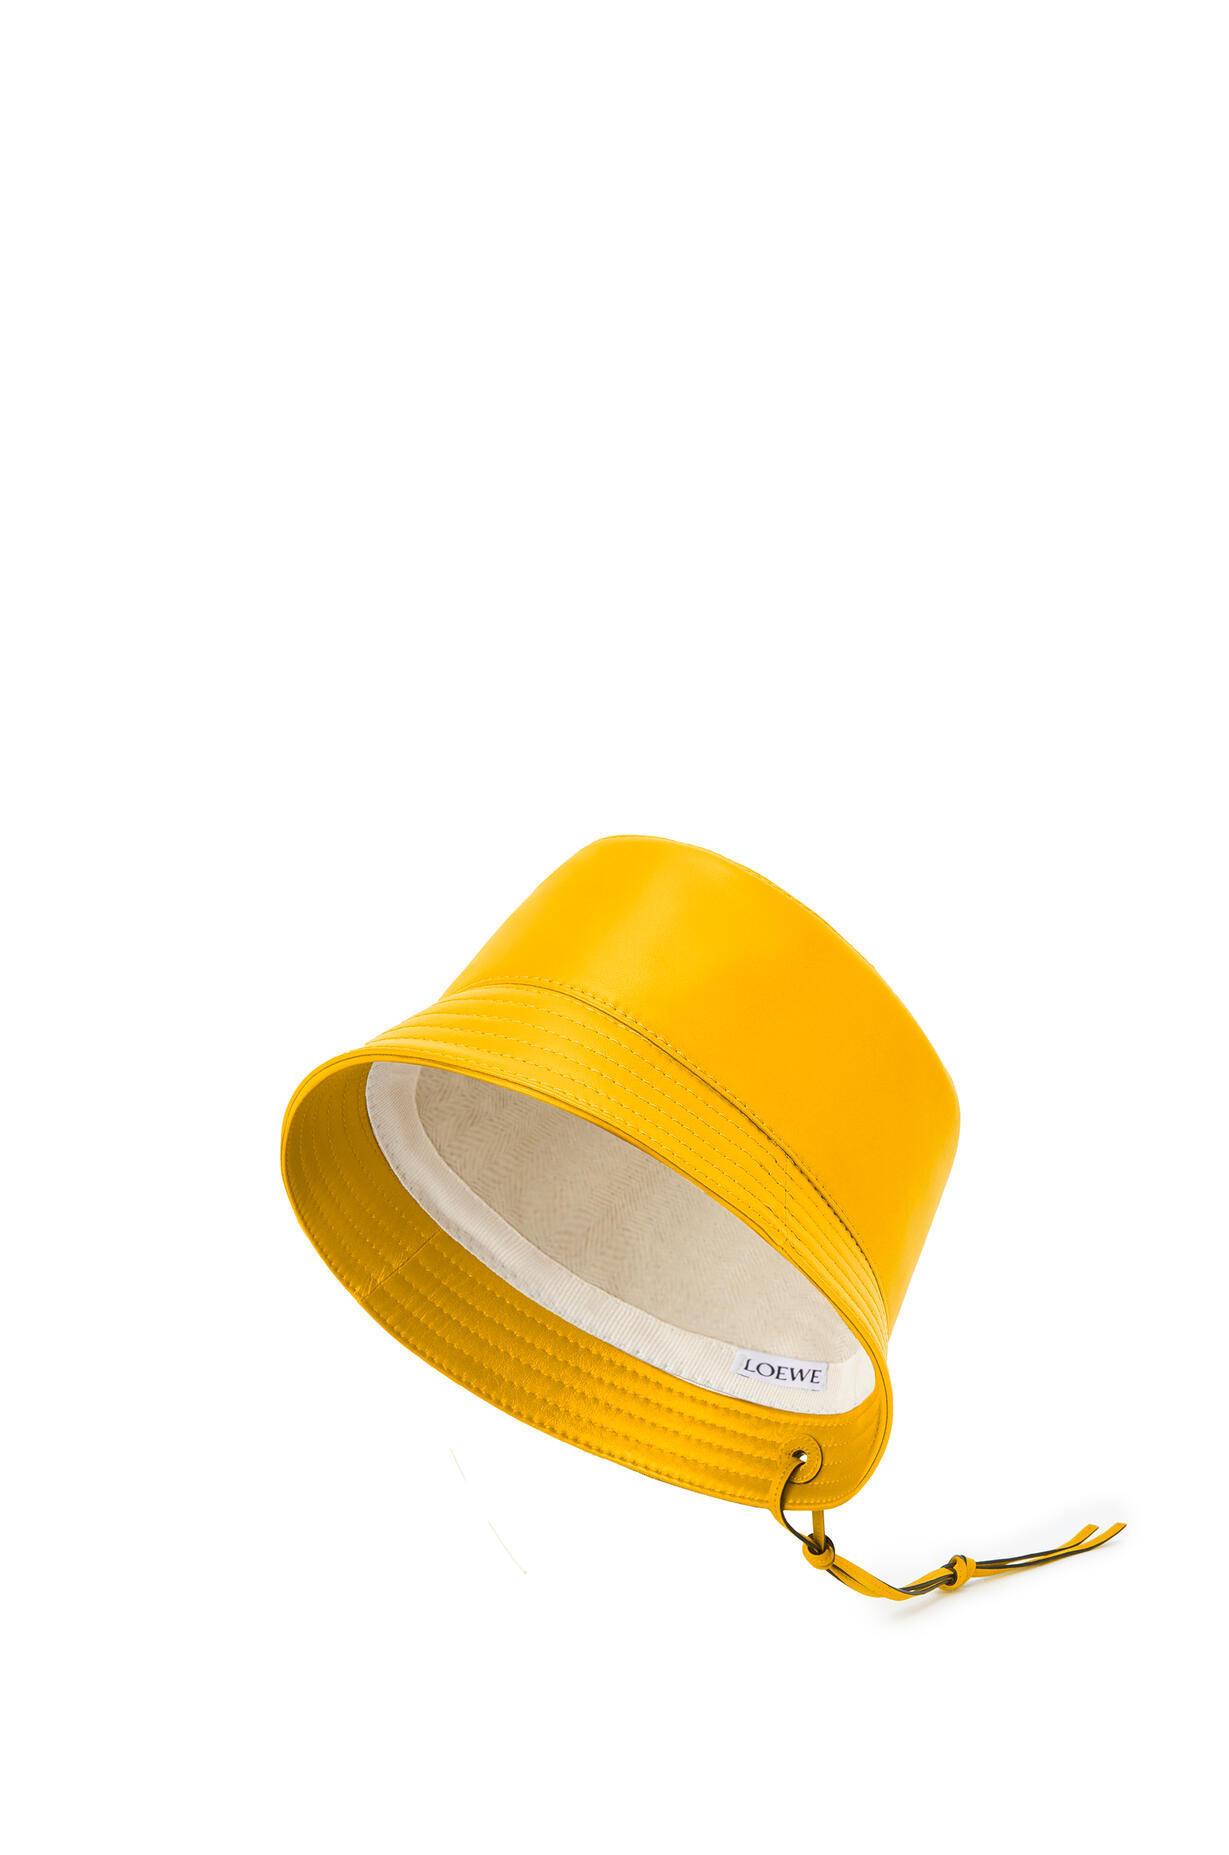 LOEWE LOEWE ☆Bucket hat in nappa clafskin ☆K000HB1X01